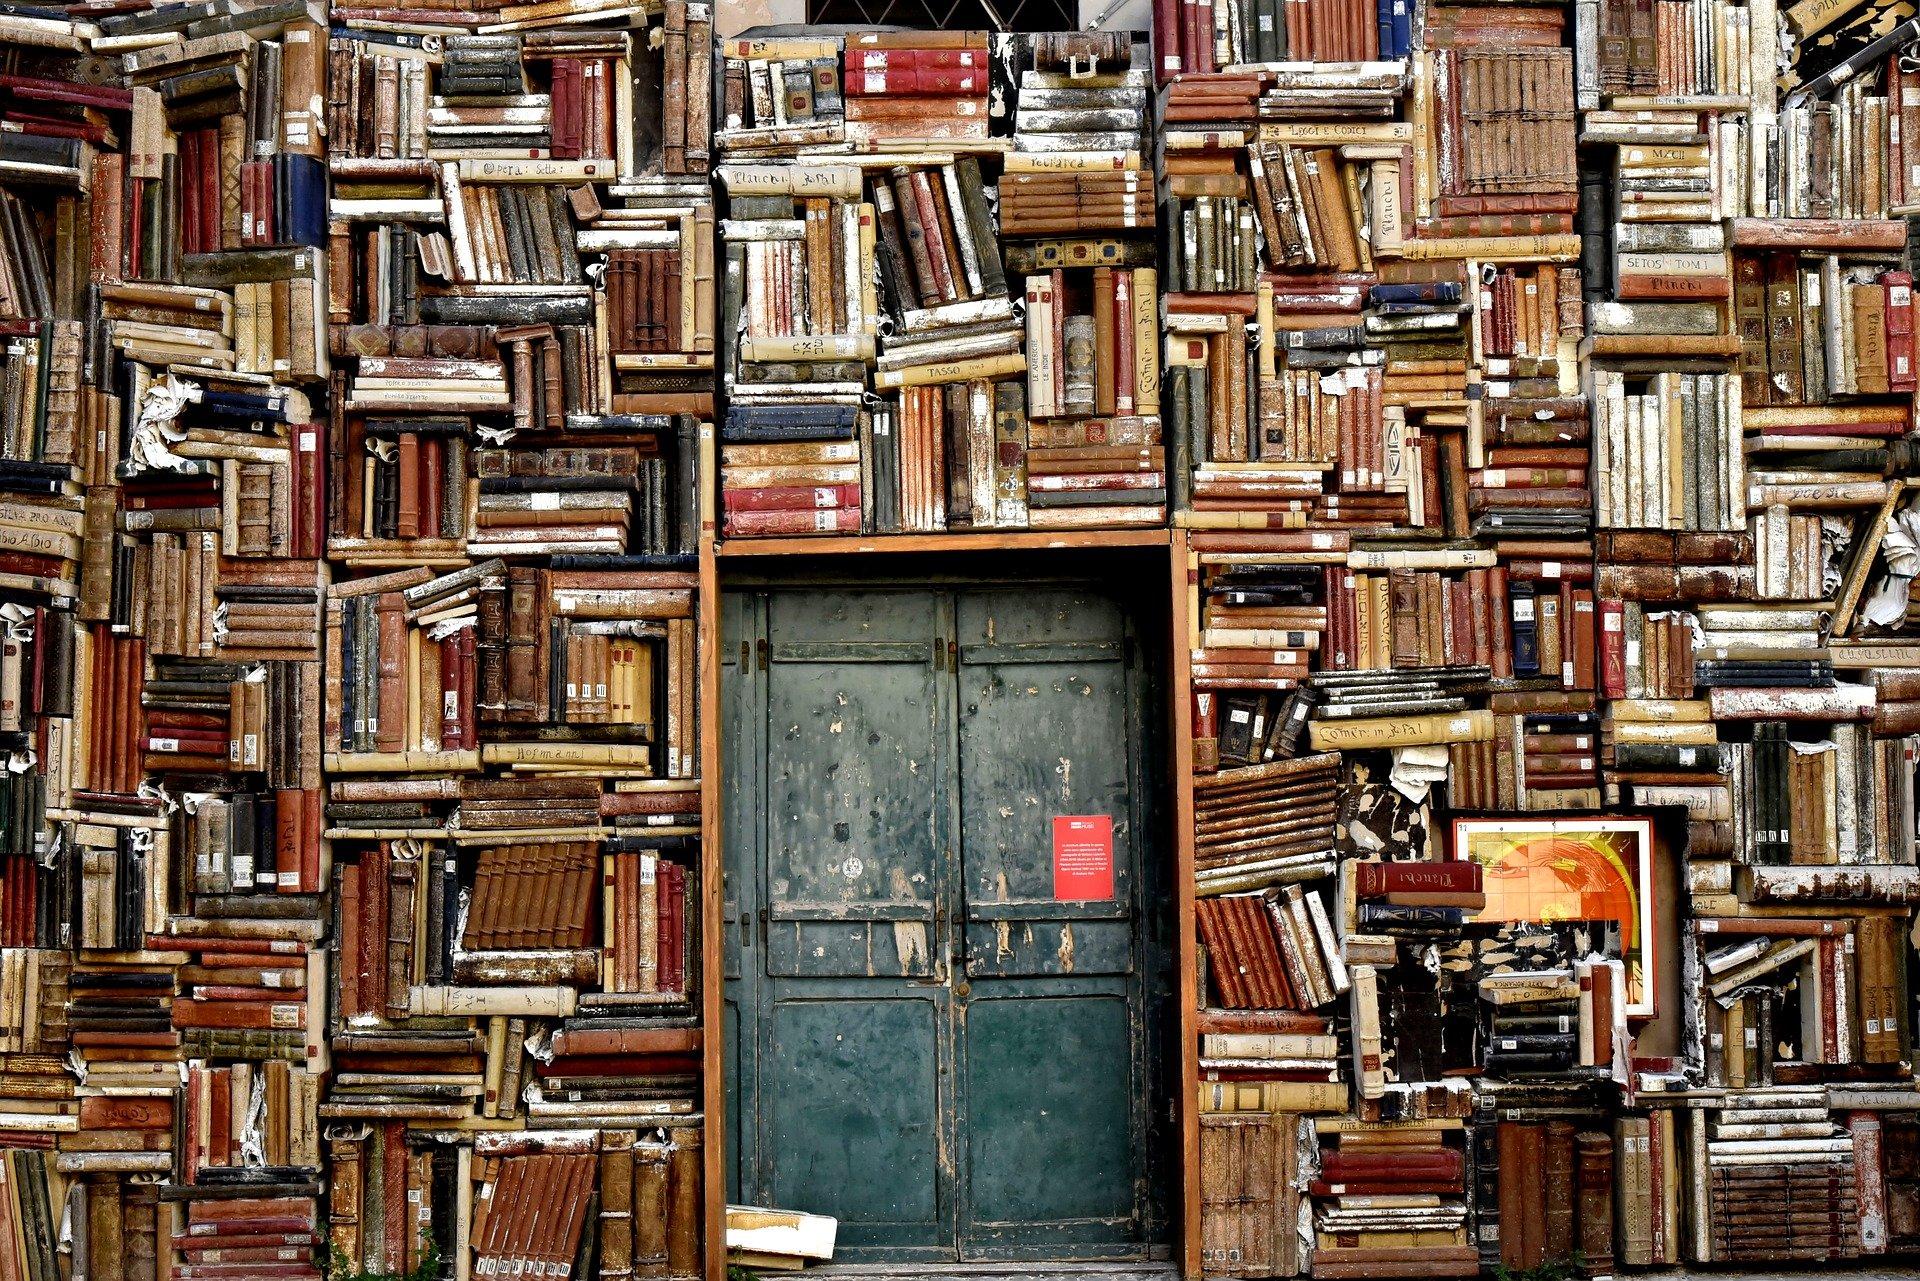 Pared repleta de libros y con una puerta cerrada en el medio